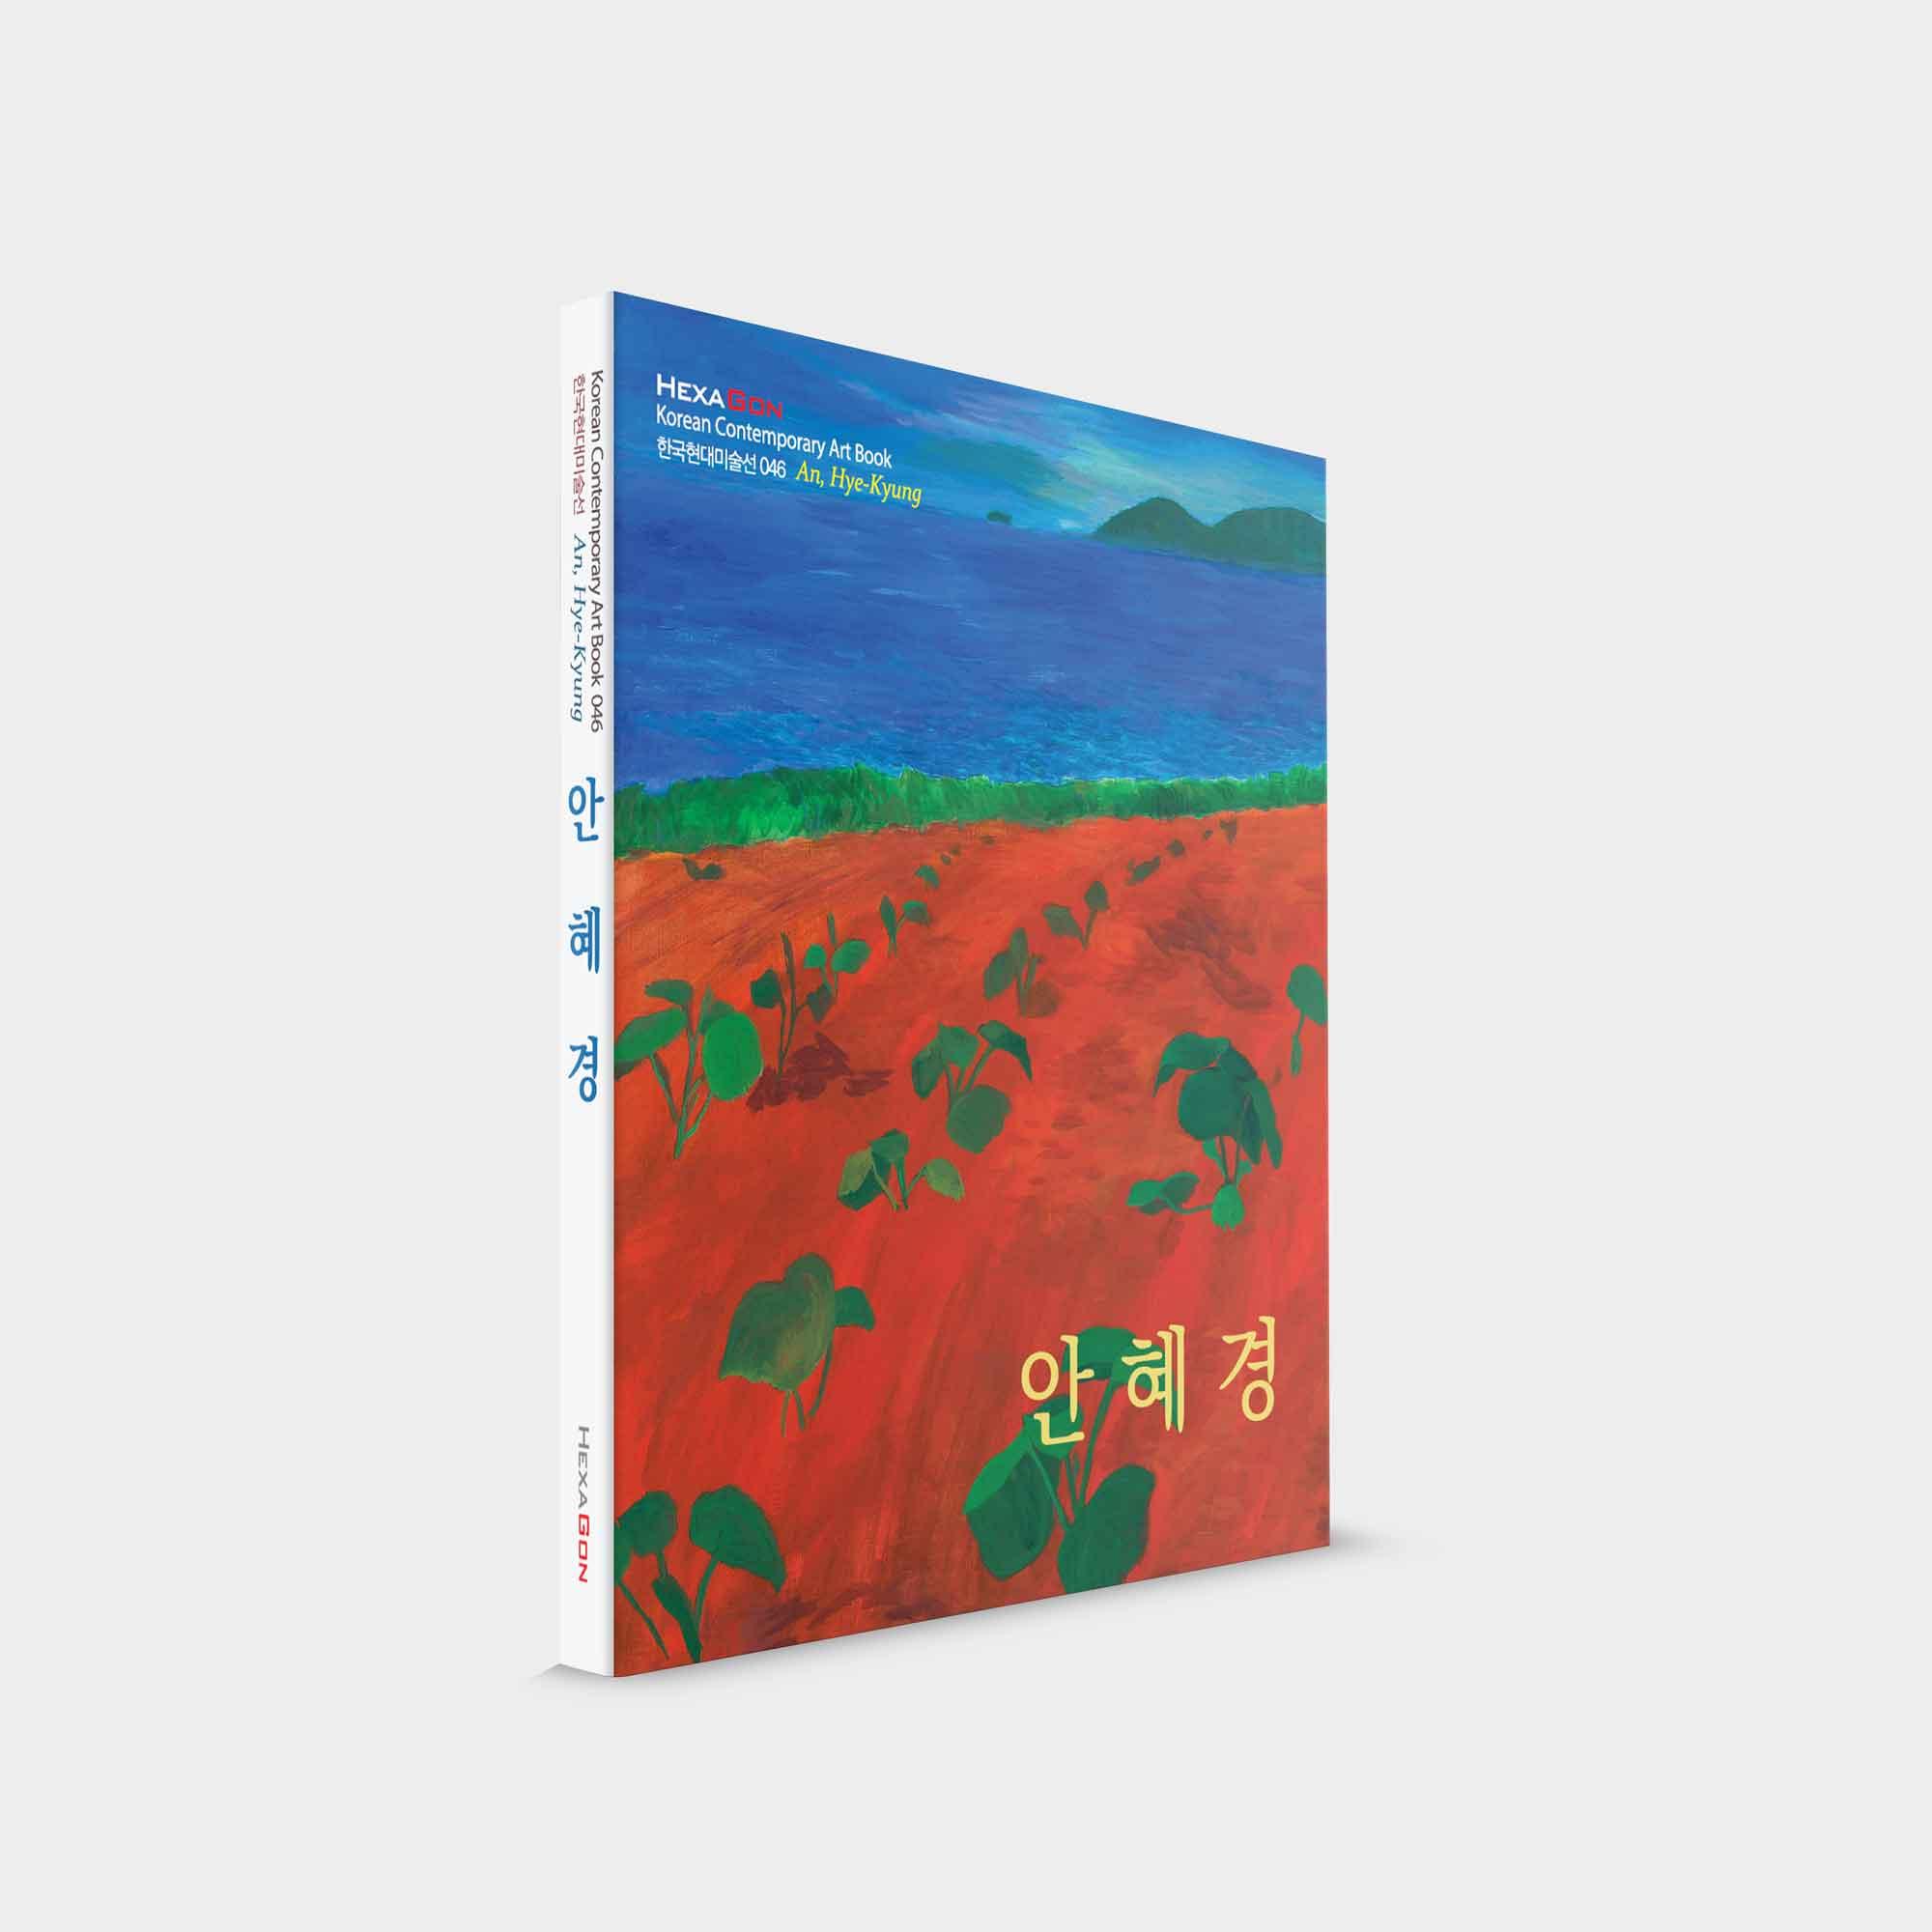 헥사곤 출판사 한국현대미술선 46 안혜경 책 상품 이미지